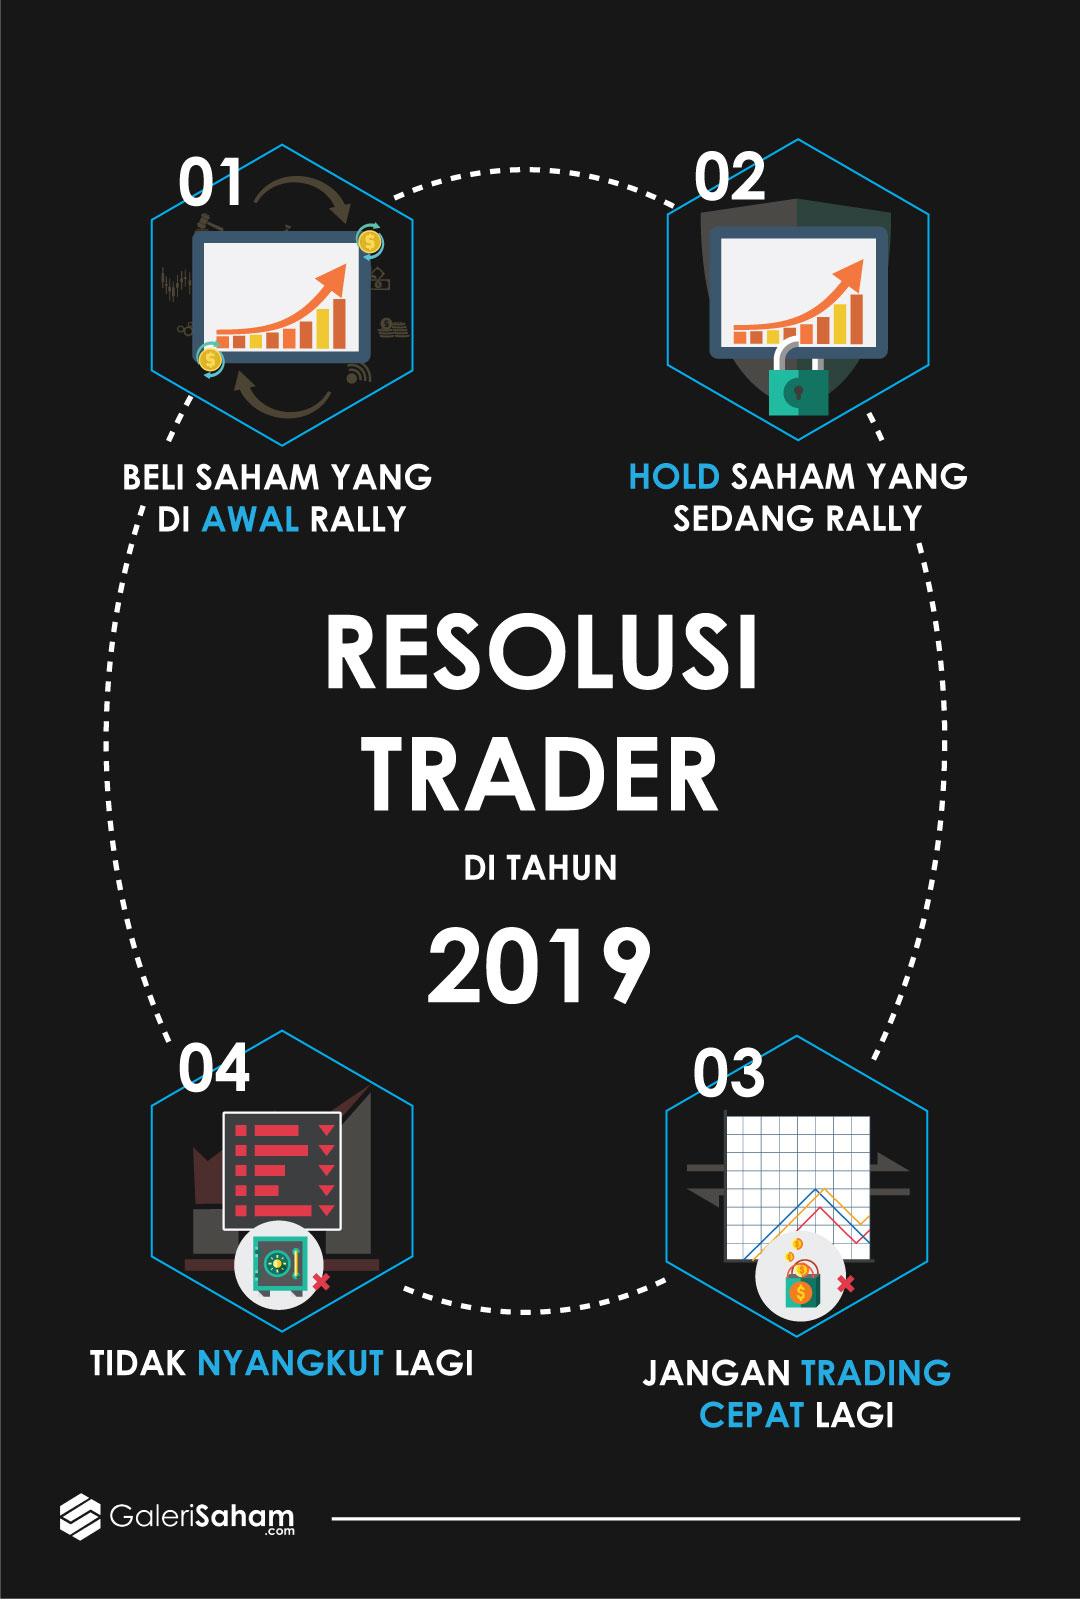 Resolusi trader 2019 Galerisaham